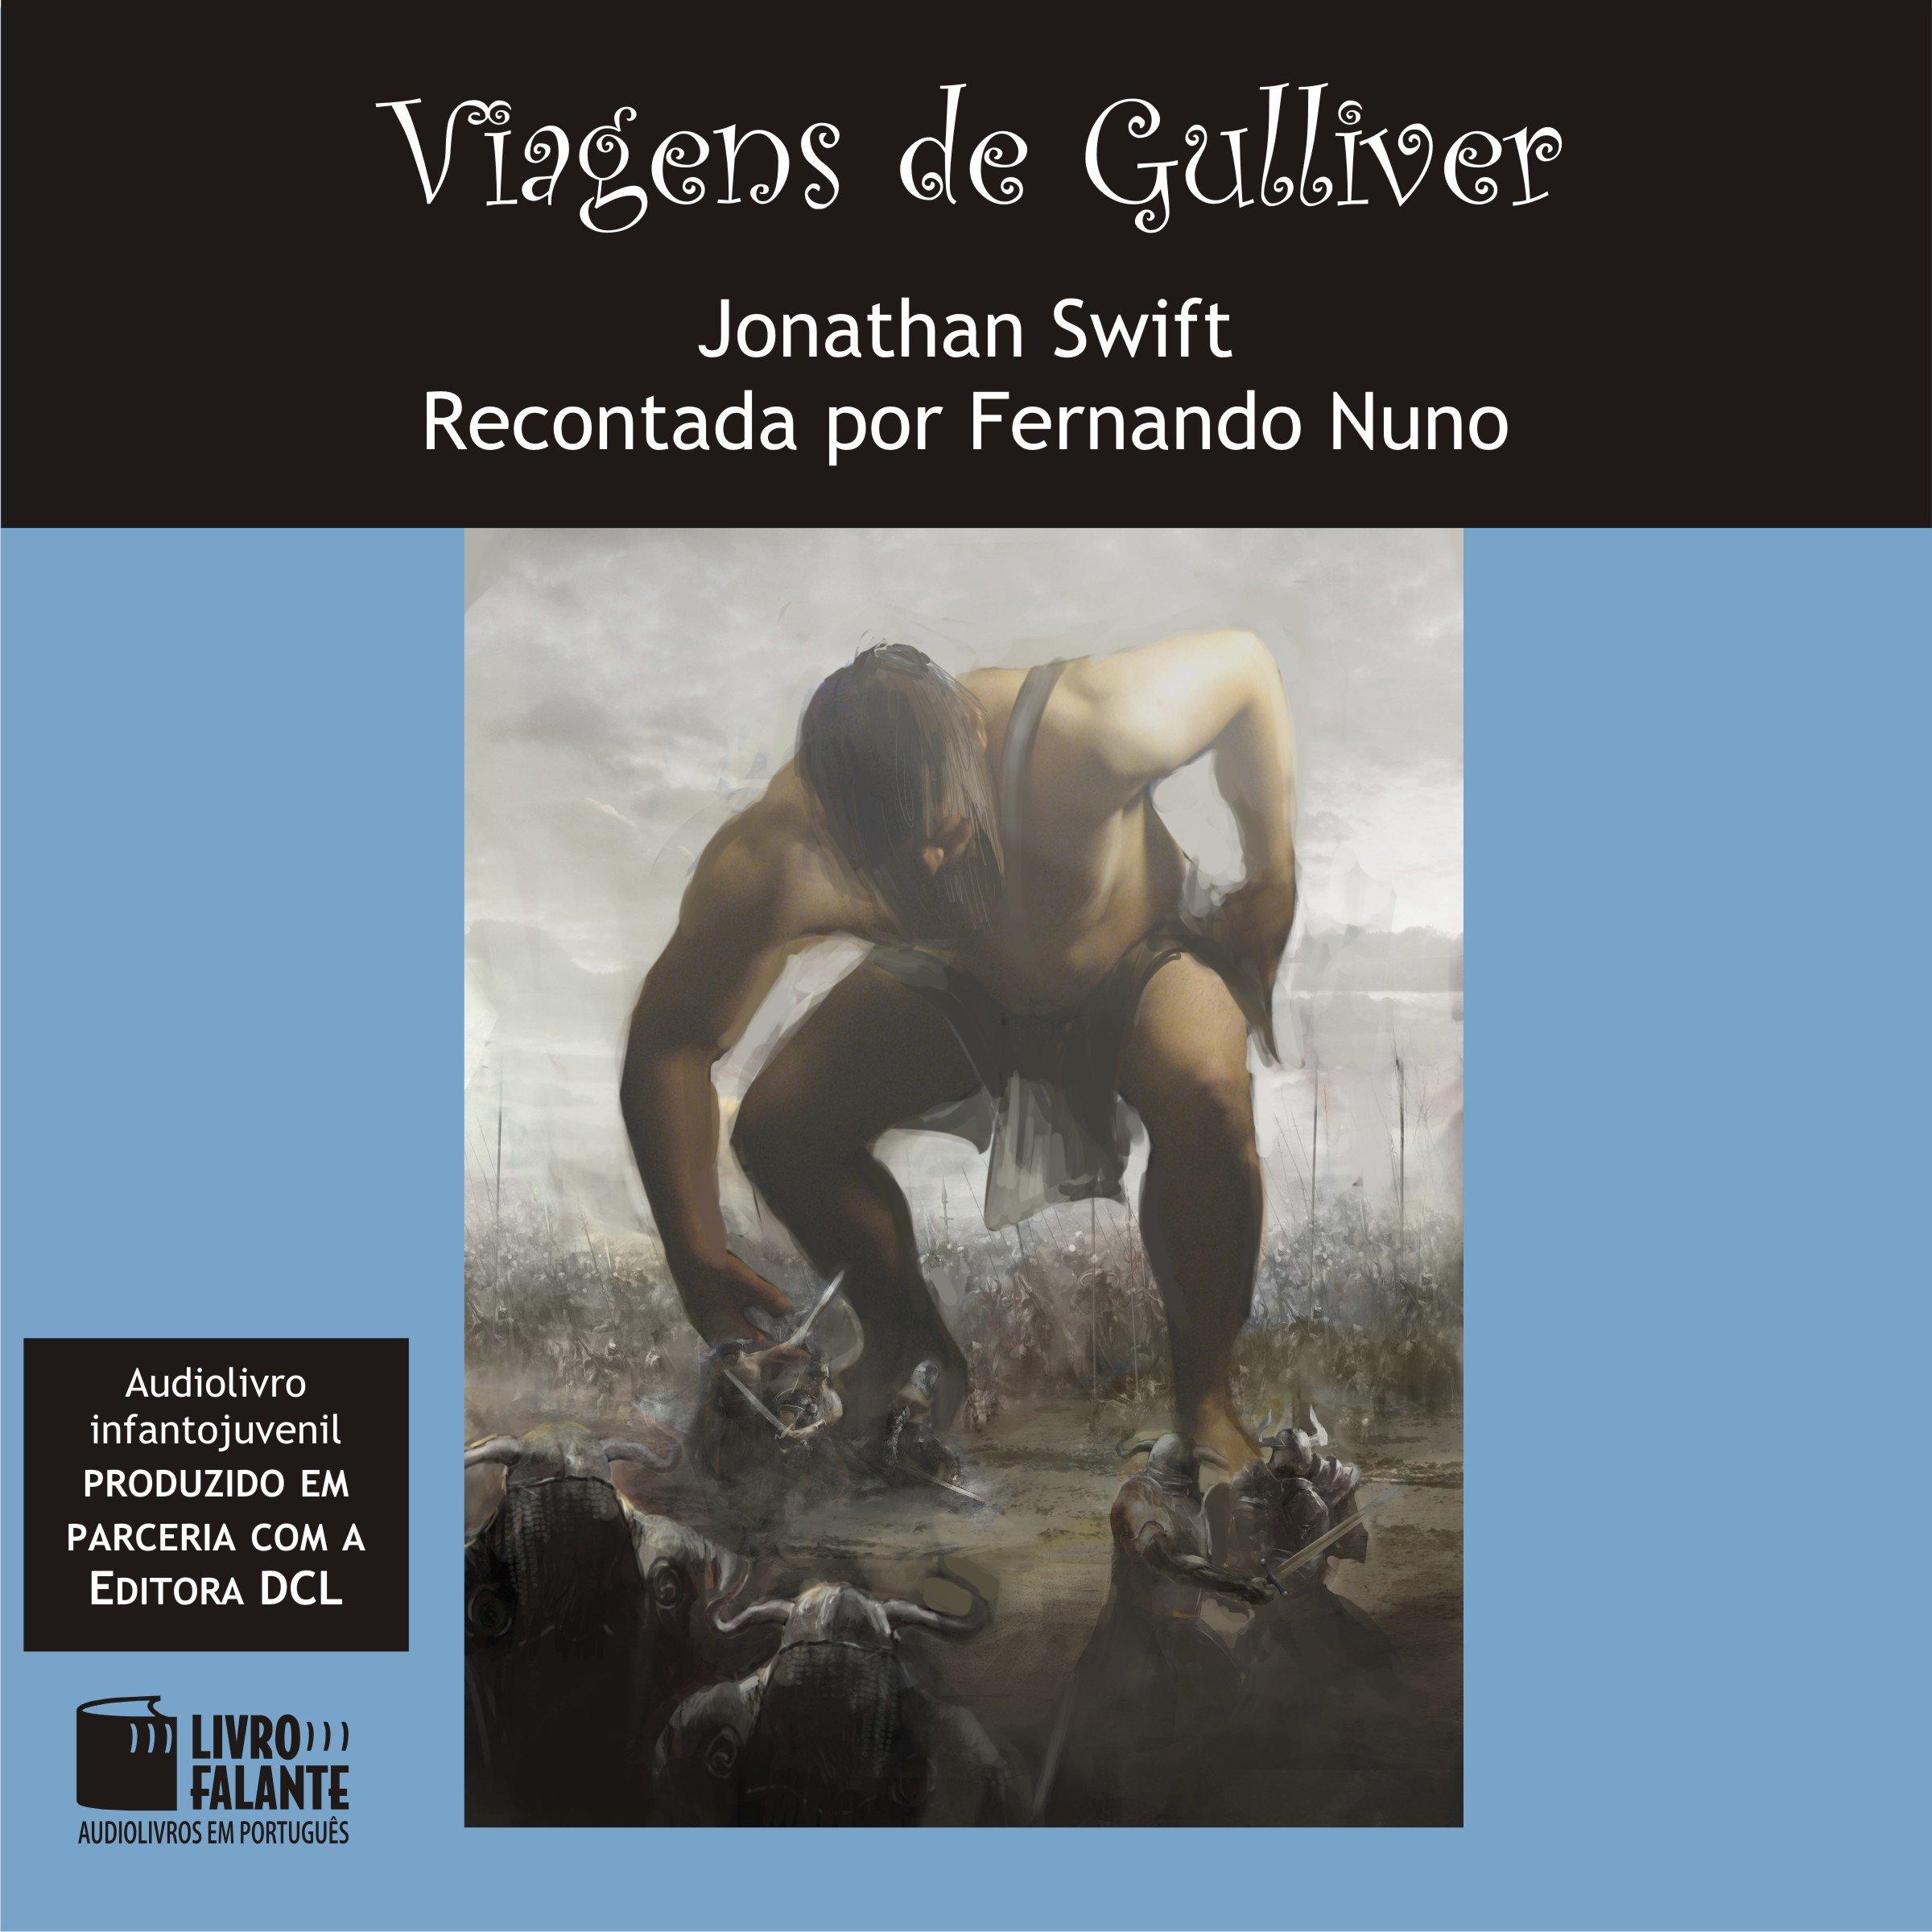 Viagens de Gulliver | Audiolivro